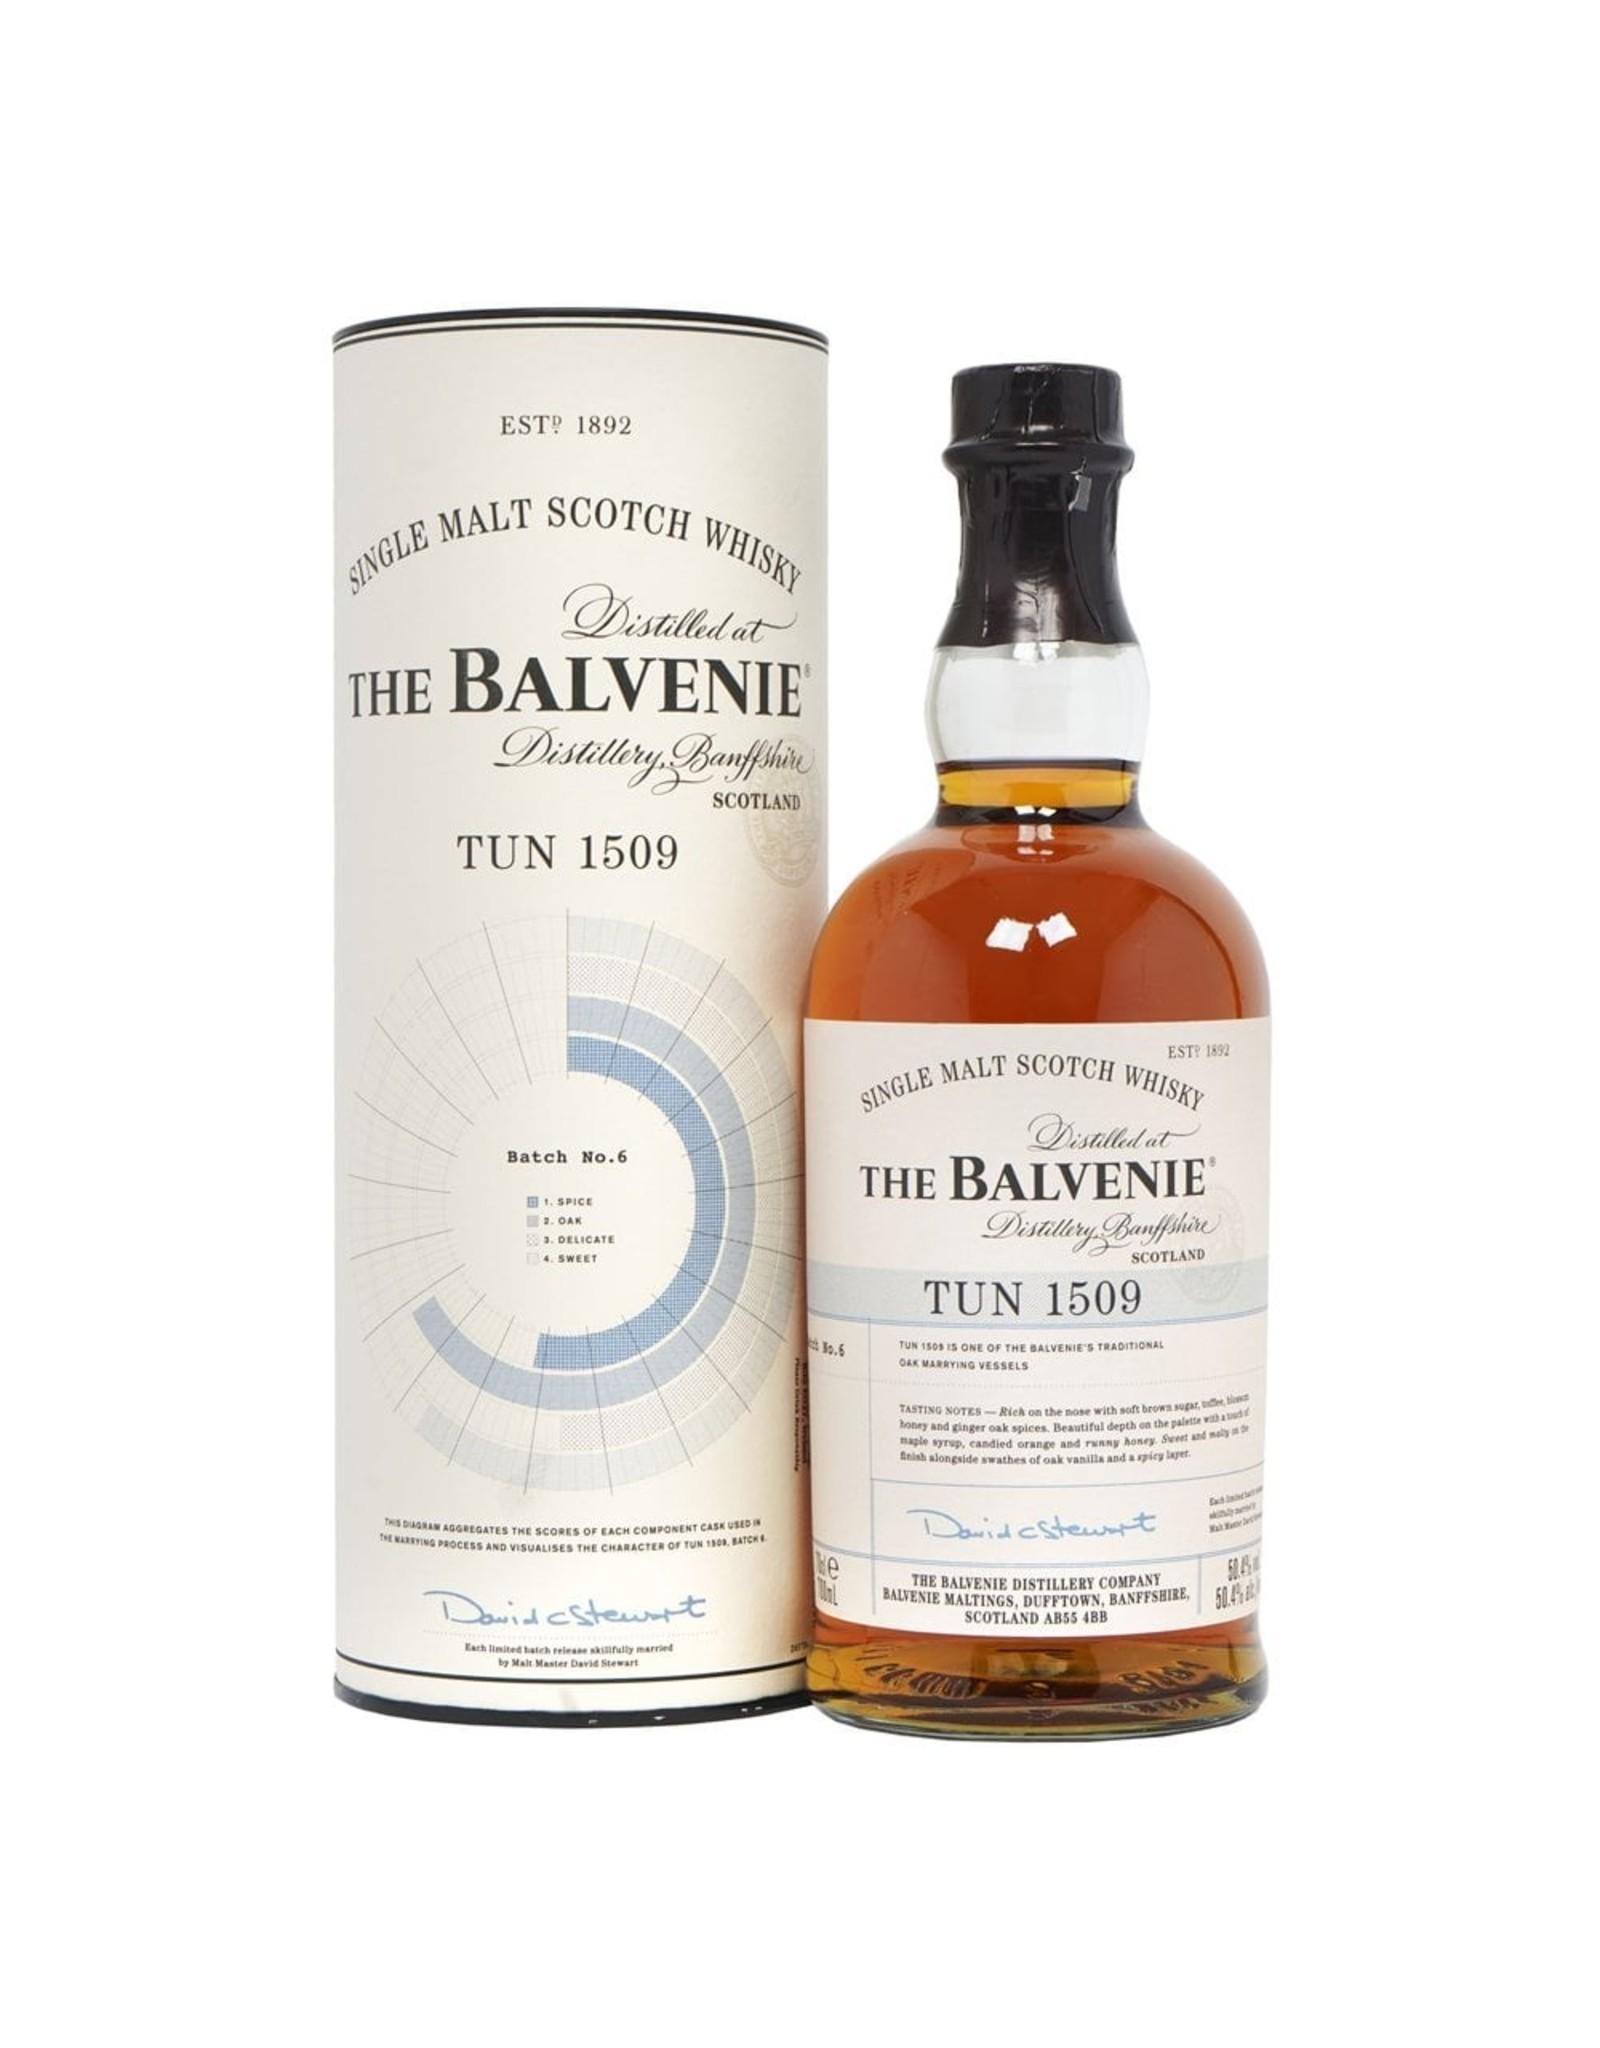 Balvenie Tun 1509 Batch No. 6